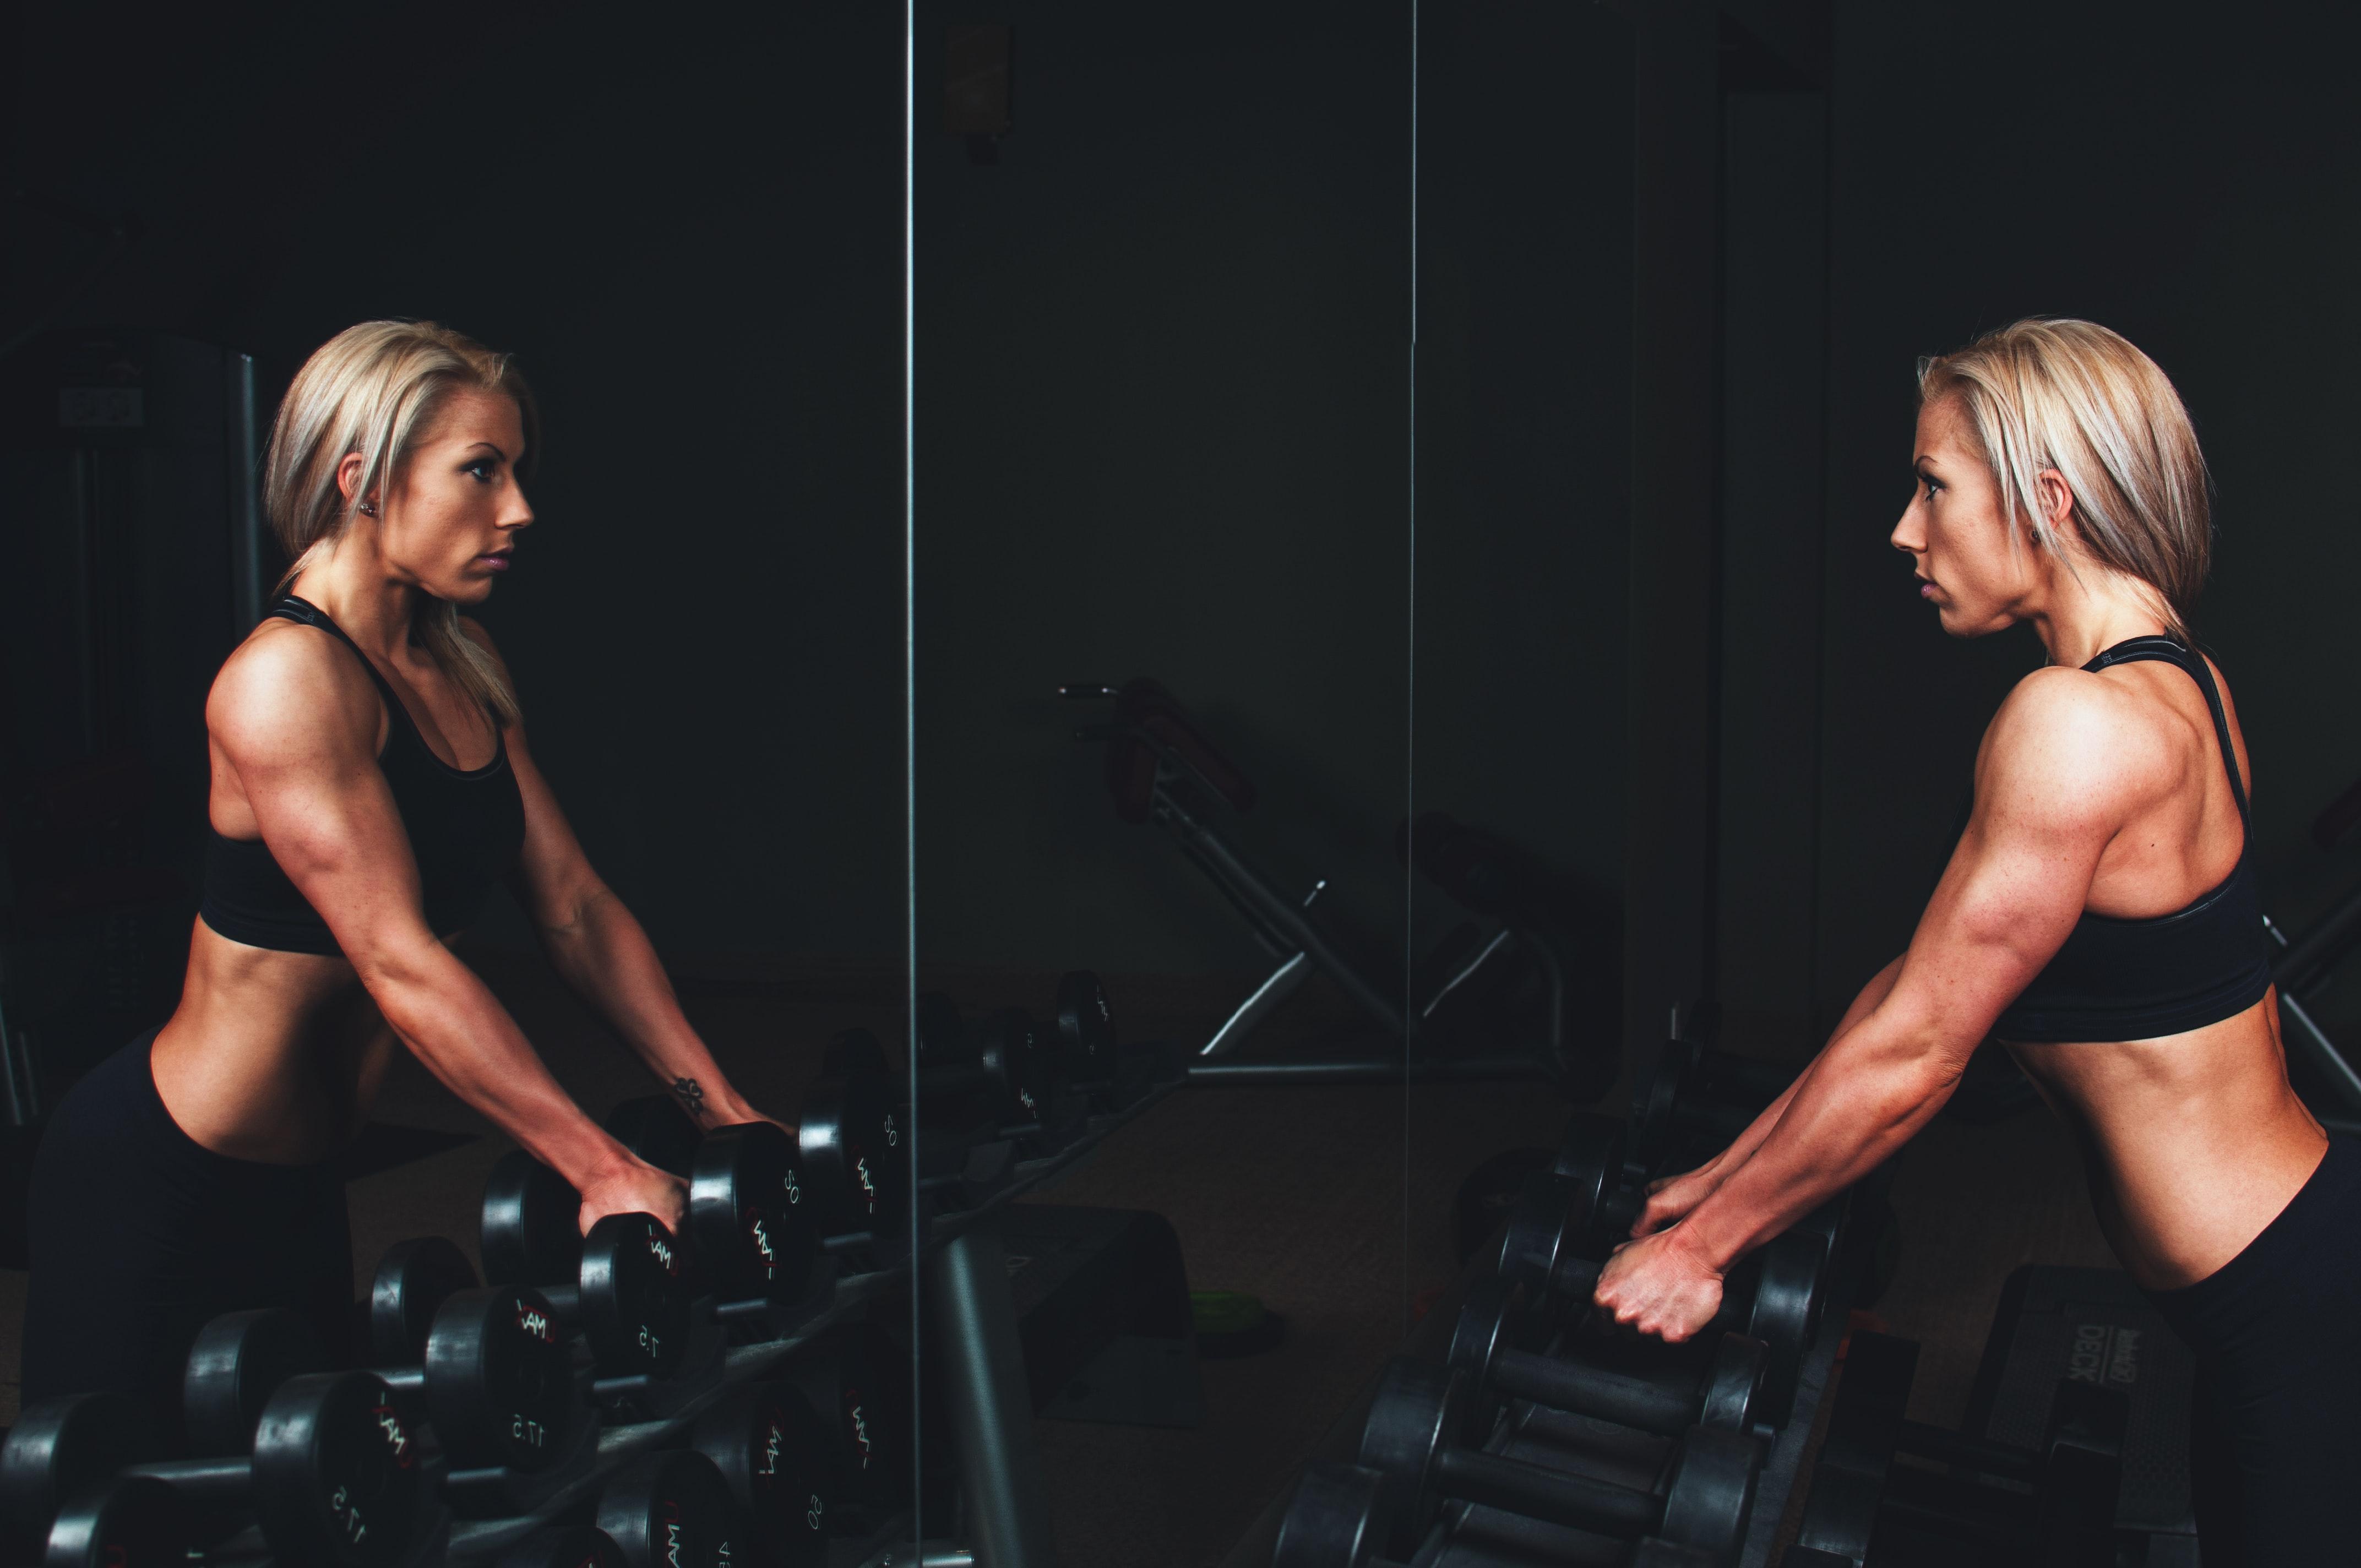 træning på en ny måde